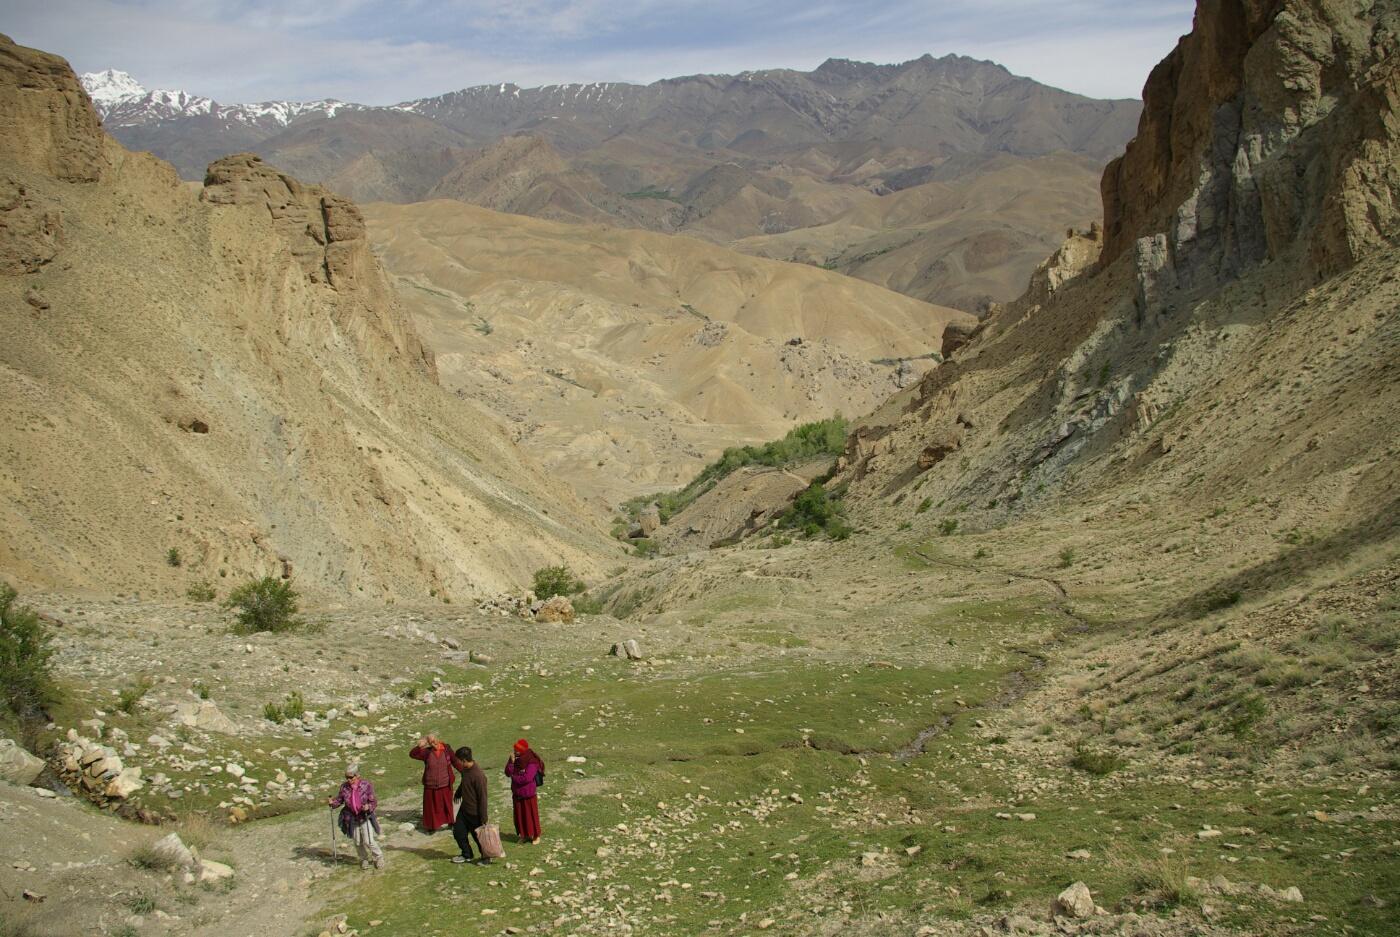 Phokar, Padmasambhava: Noch ist das Tal weit....